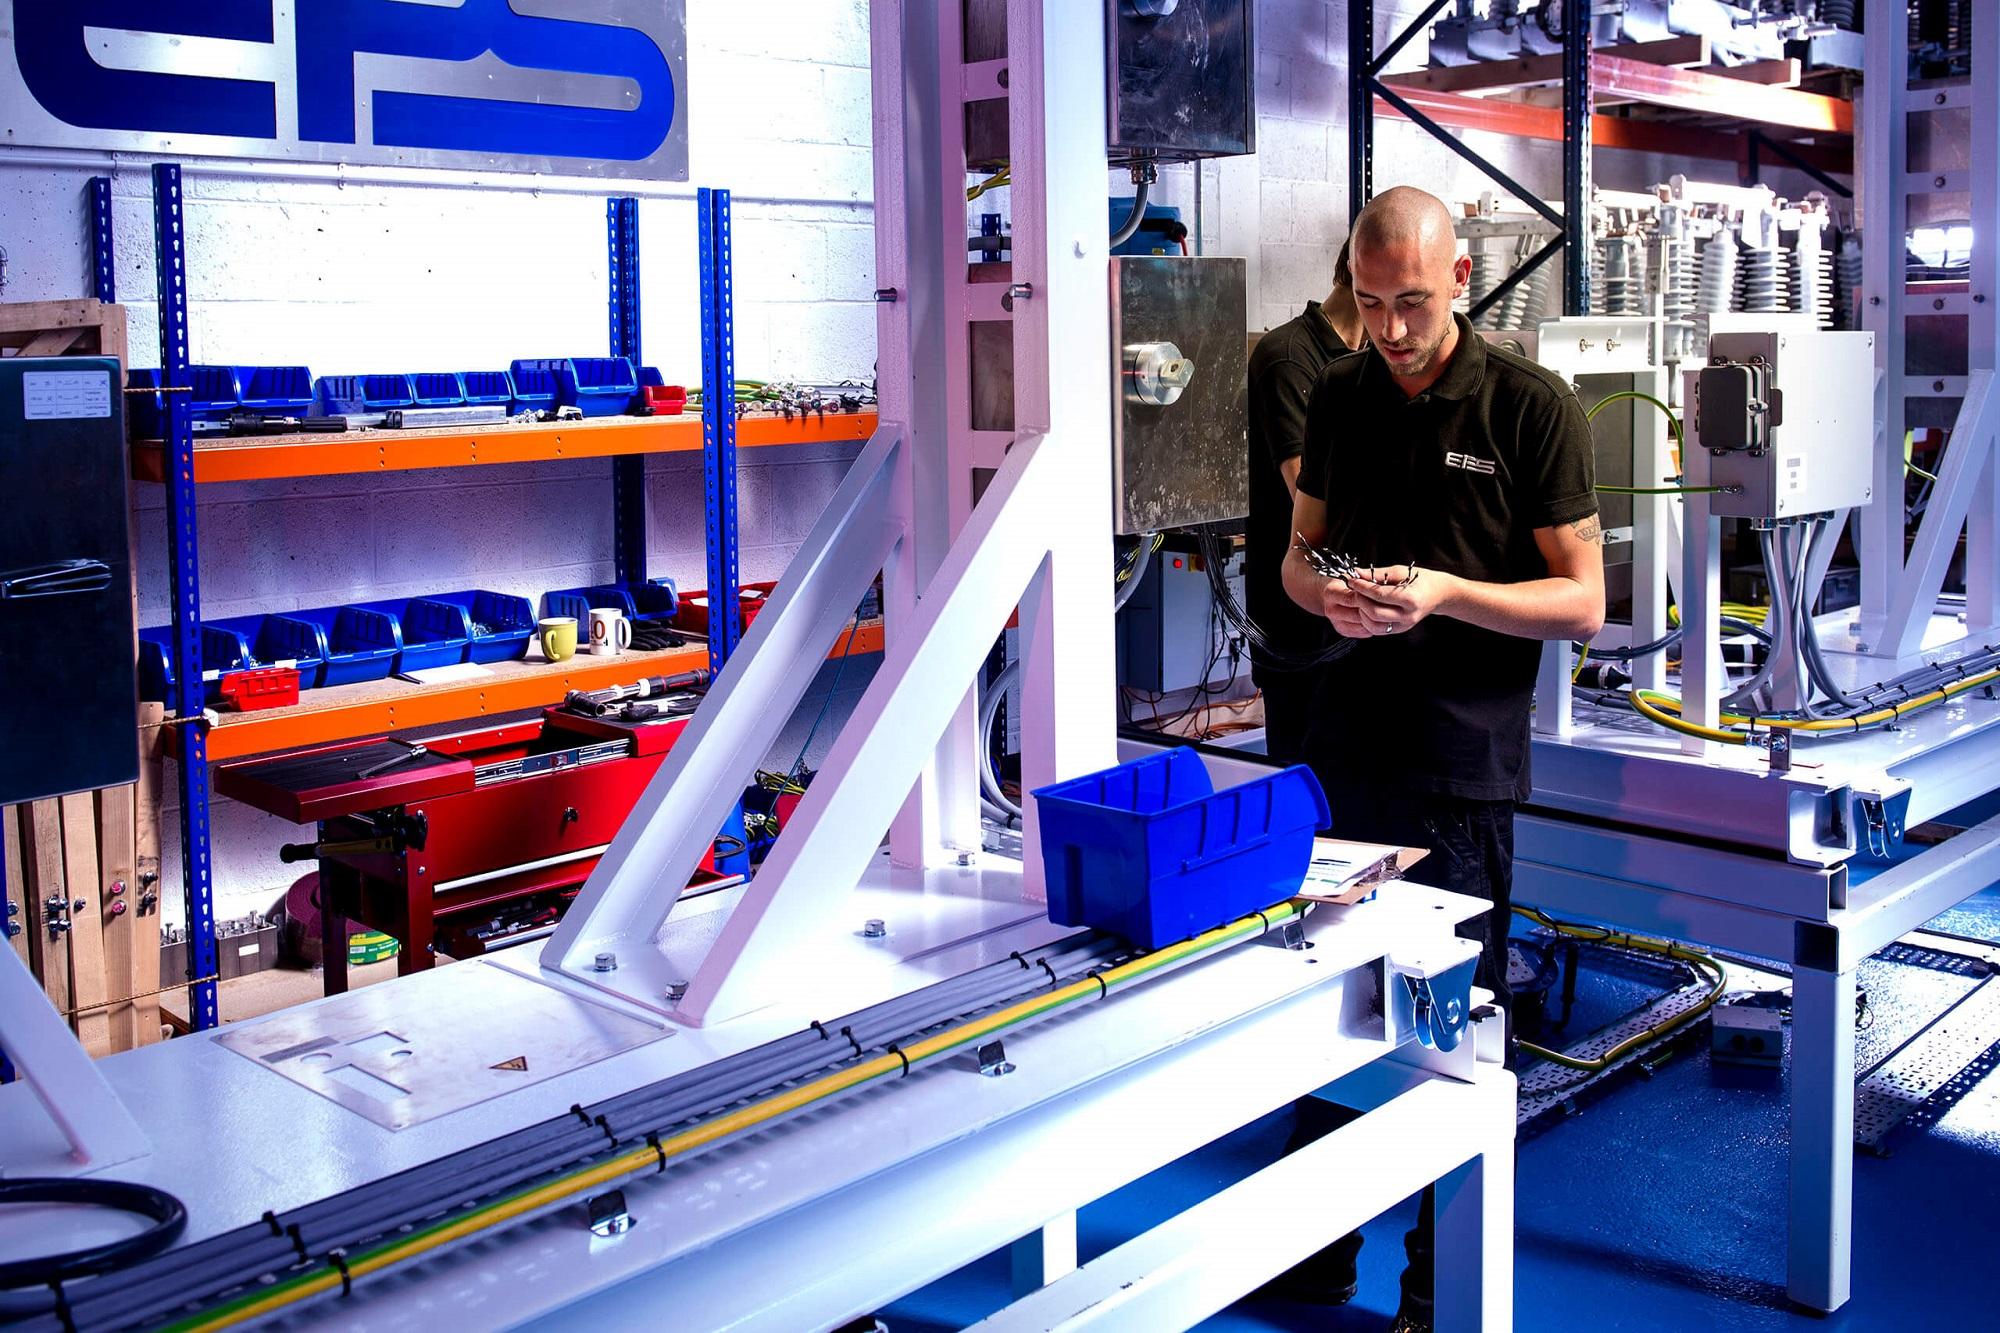 engineer using machinery